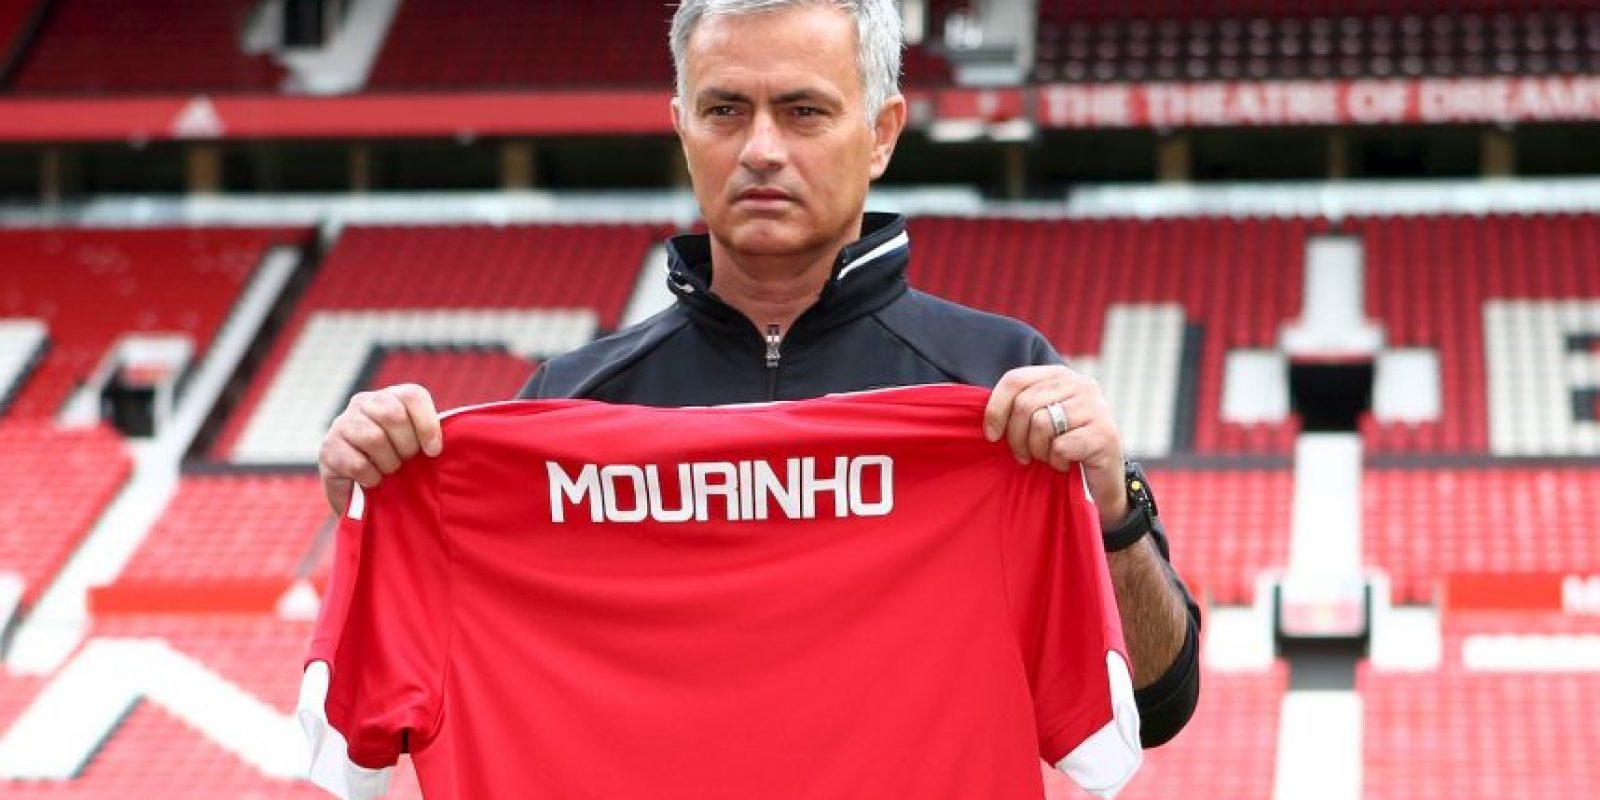 Mourinho llega a encender Manchester con su fichaje en el United Foto:Getty Images